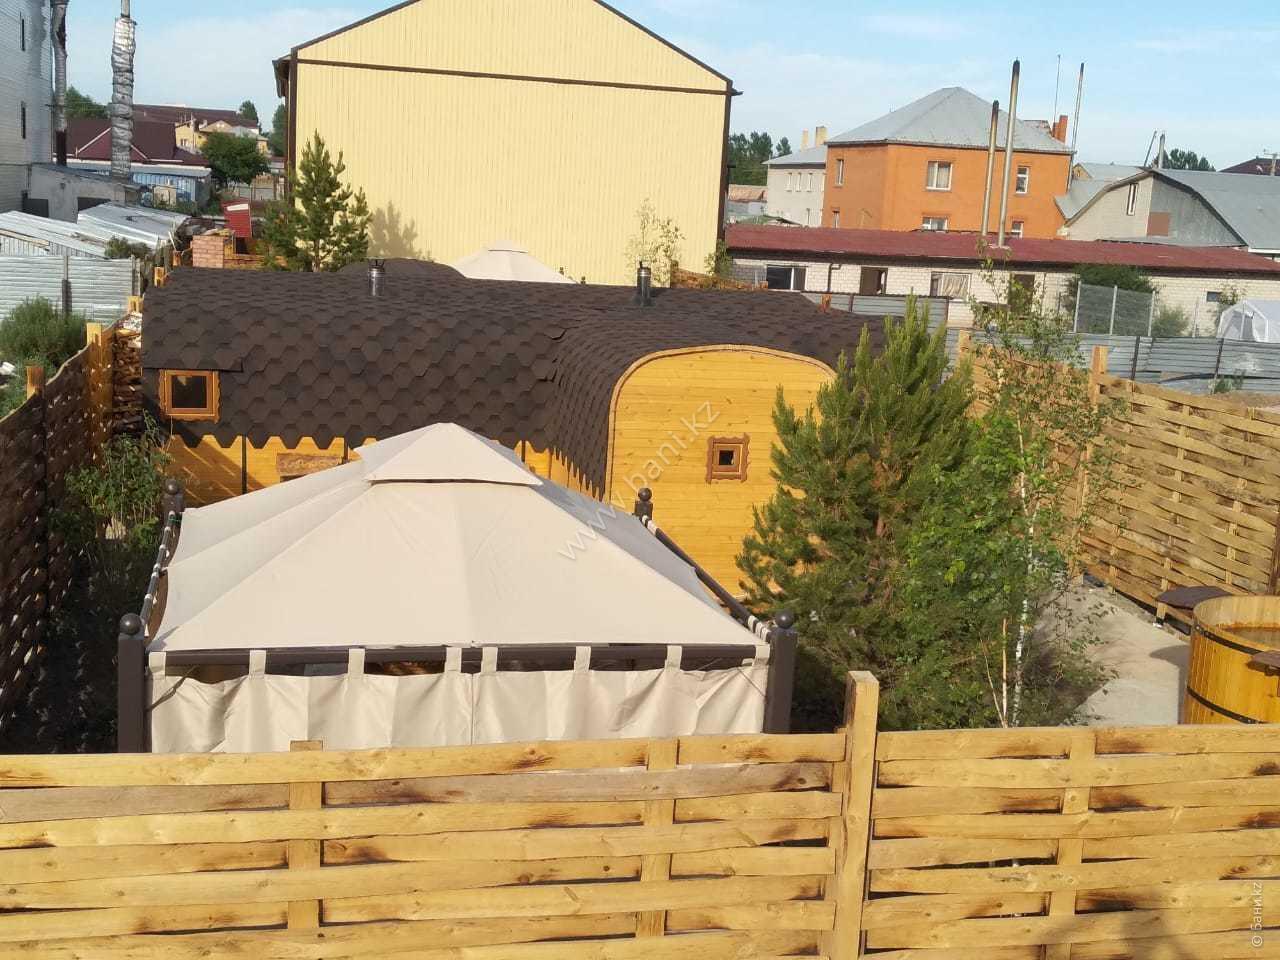 Царская баня в семейном банно-оздоровительном комплексе ЭКО-БАНЯ Парная №1  – Фото фасада Царской бани